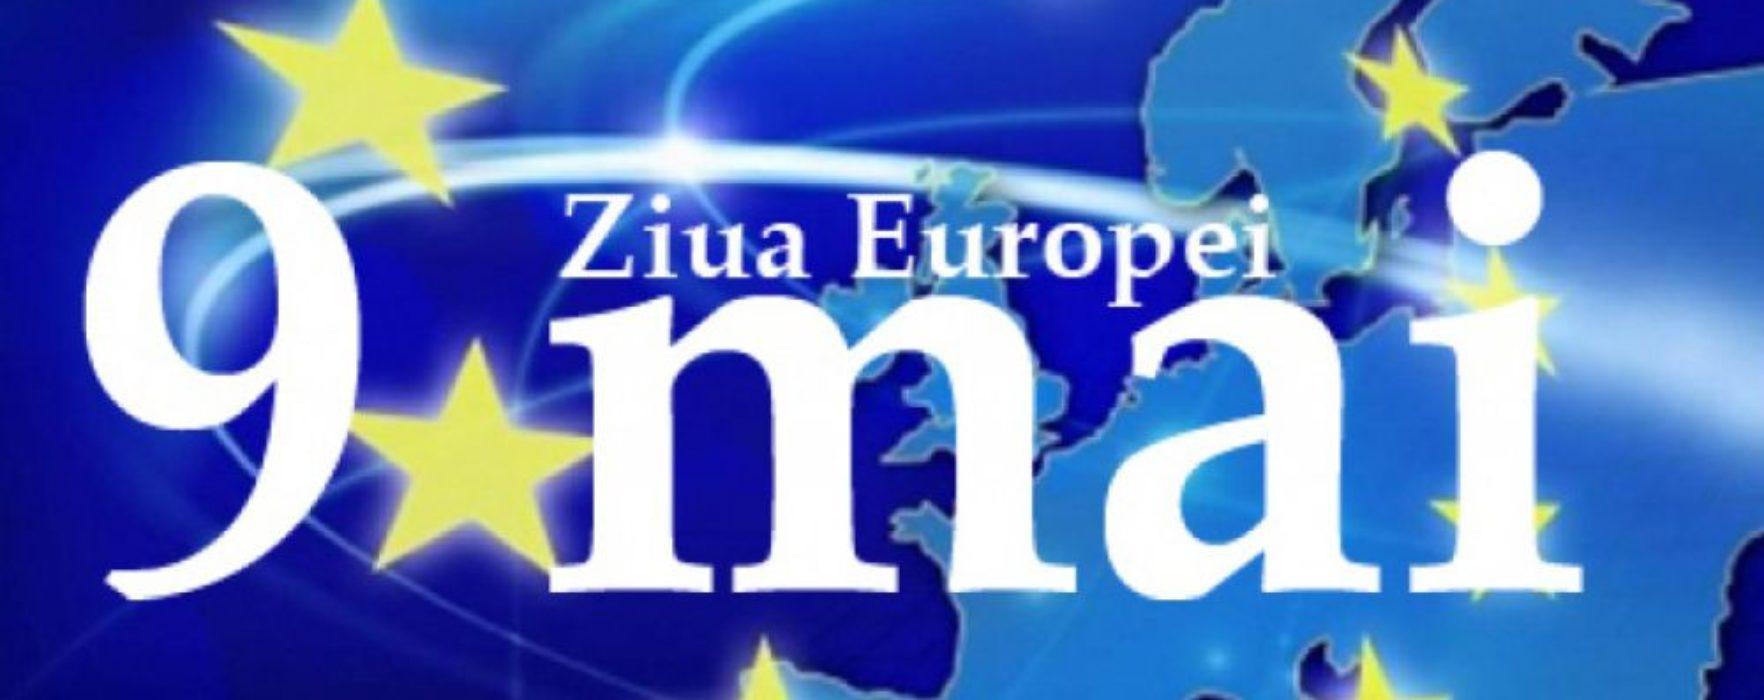 """Dâmboviţa: Concert """"Primăvara clasică europeană"""" şi concursuri tematice, pregătite de autorităţi pentru a marca Ziua Europei"""